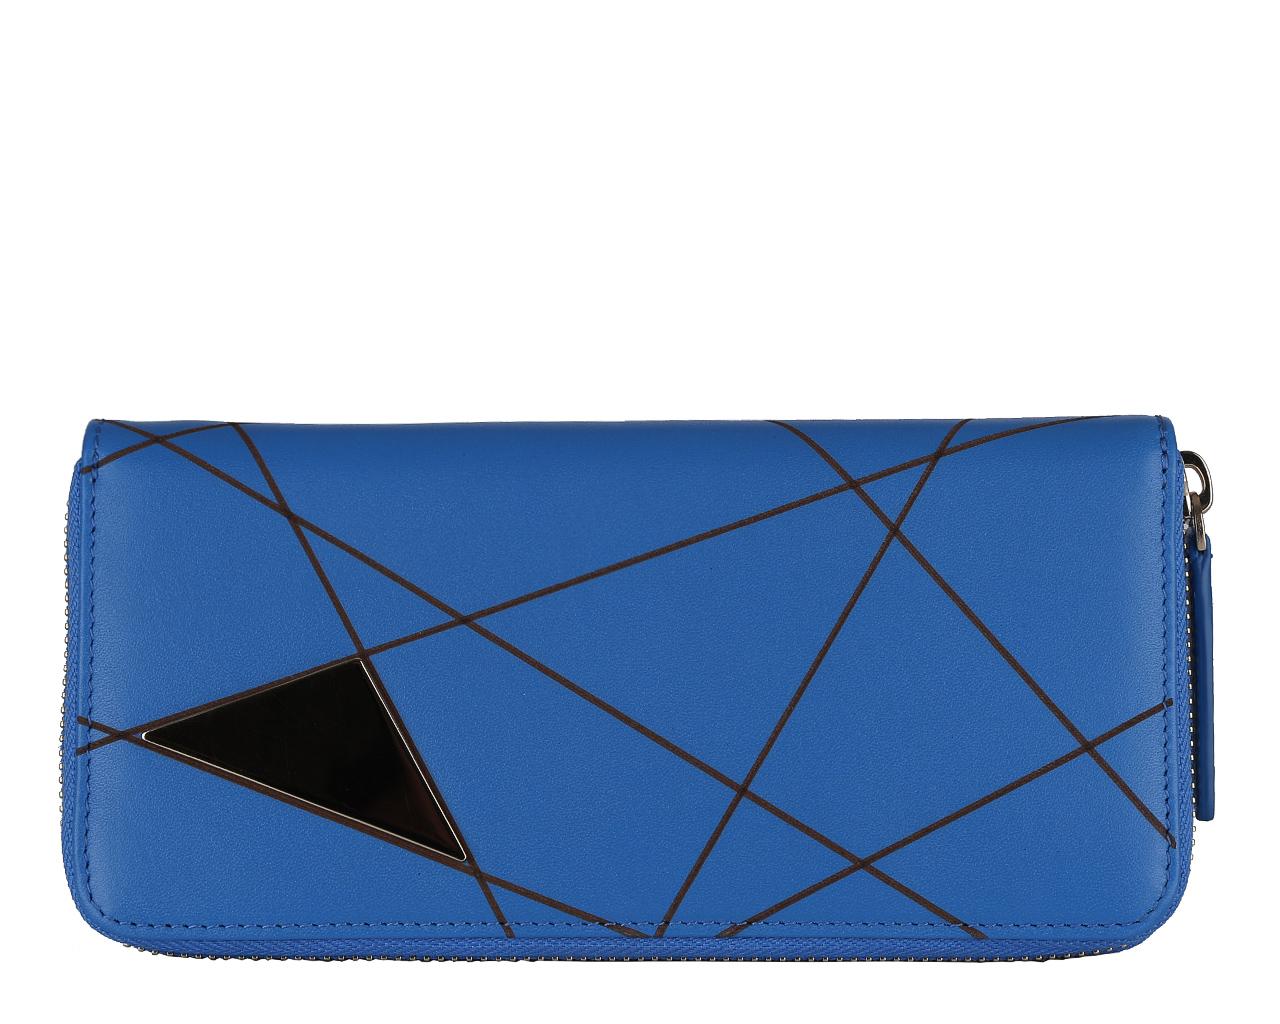 Кошелек женский Leo Ventoni, цвет: синий. L330886L330886 blueЭлегантный кошелек Leo Ventoni выполнен из натуральной кожи и оформлен металлической фурнитурой, внутренняя часть изделия выполнена из текстиля и натуральной кожи. Изделие закрывается на застежку-молнию. Внутри предусмотрено два накладных кармана, девять кармашков для кредитных карт или визиток, один из которых с прозрачной вставкой из пластика, отделение для монет на молнии. Также размещены три отделения, которые предусмотрены для хранения купюр и мелких документов. Стильный кошелек Leo Ventoni станет отличным подарком для человека, ценящего качественные и практичные вещи.